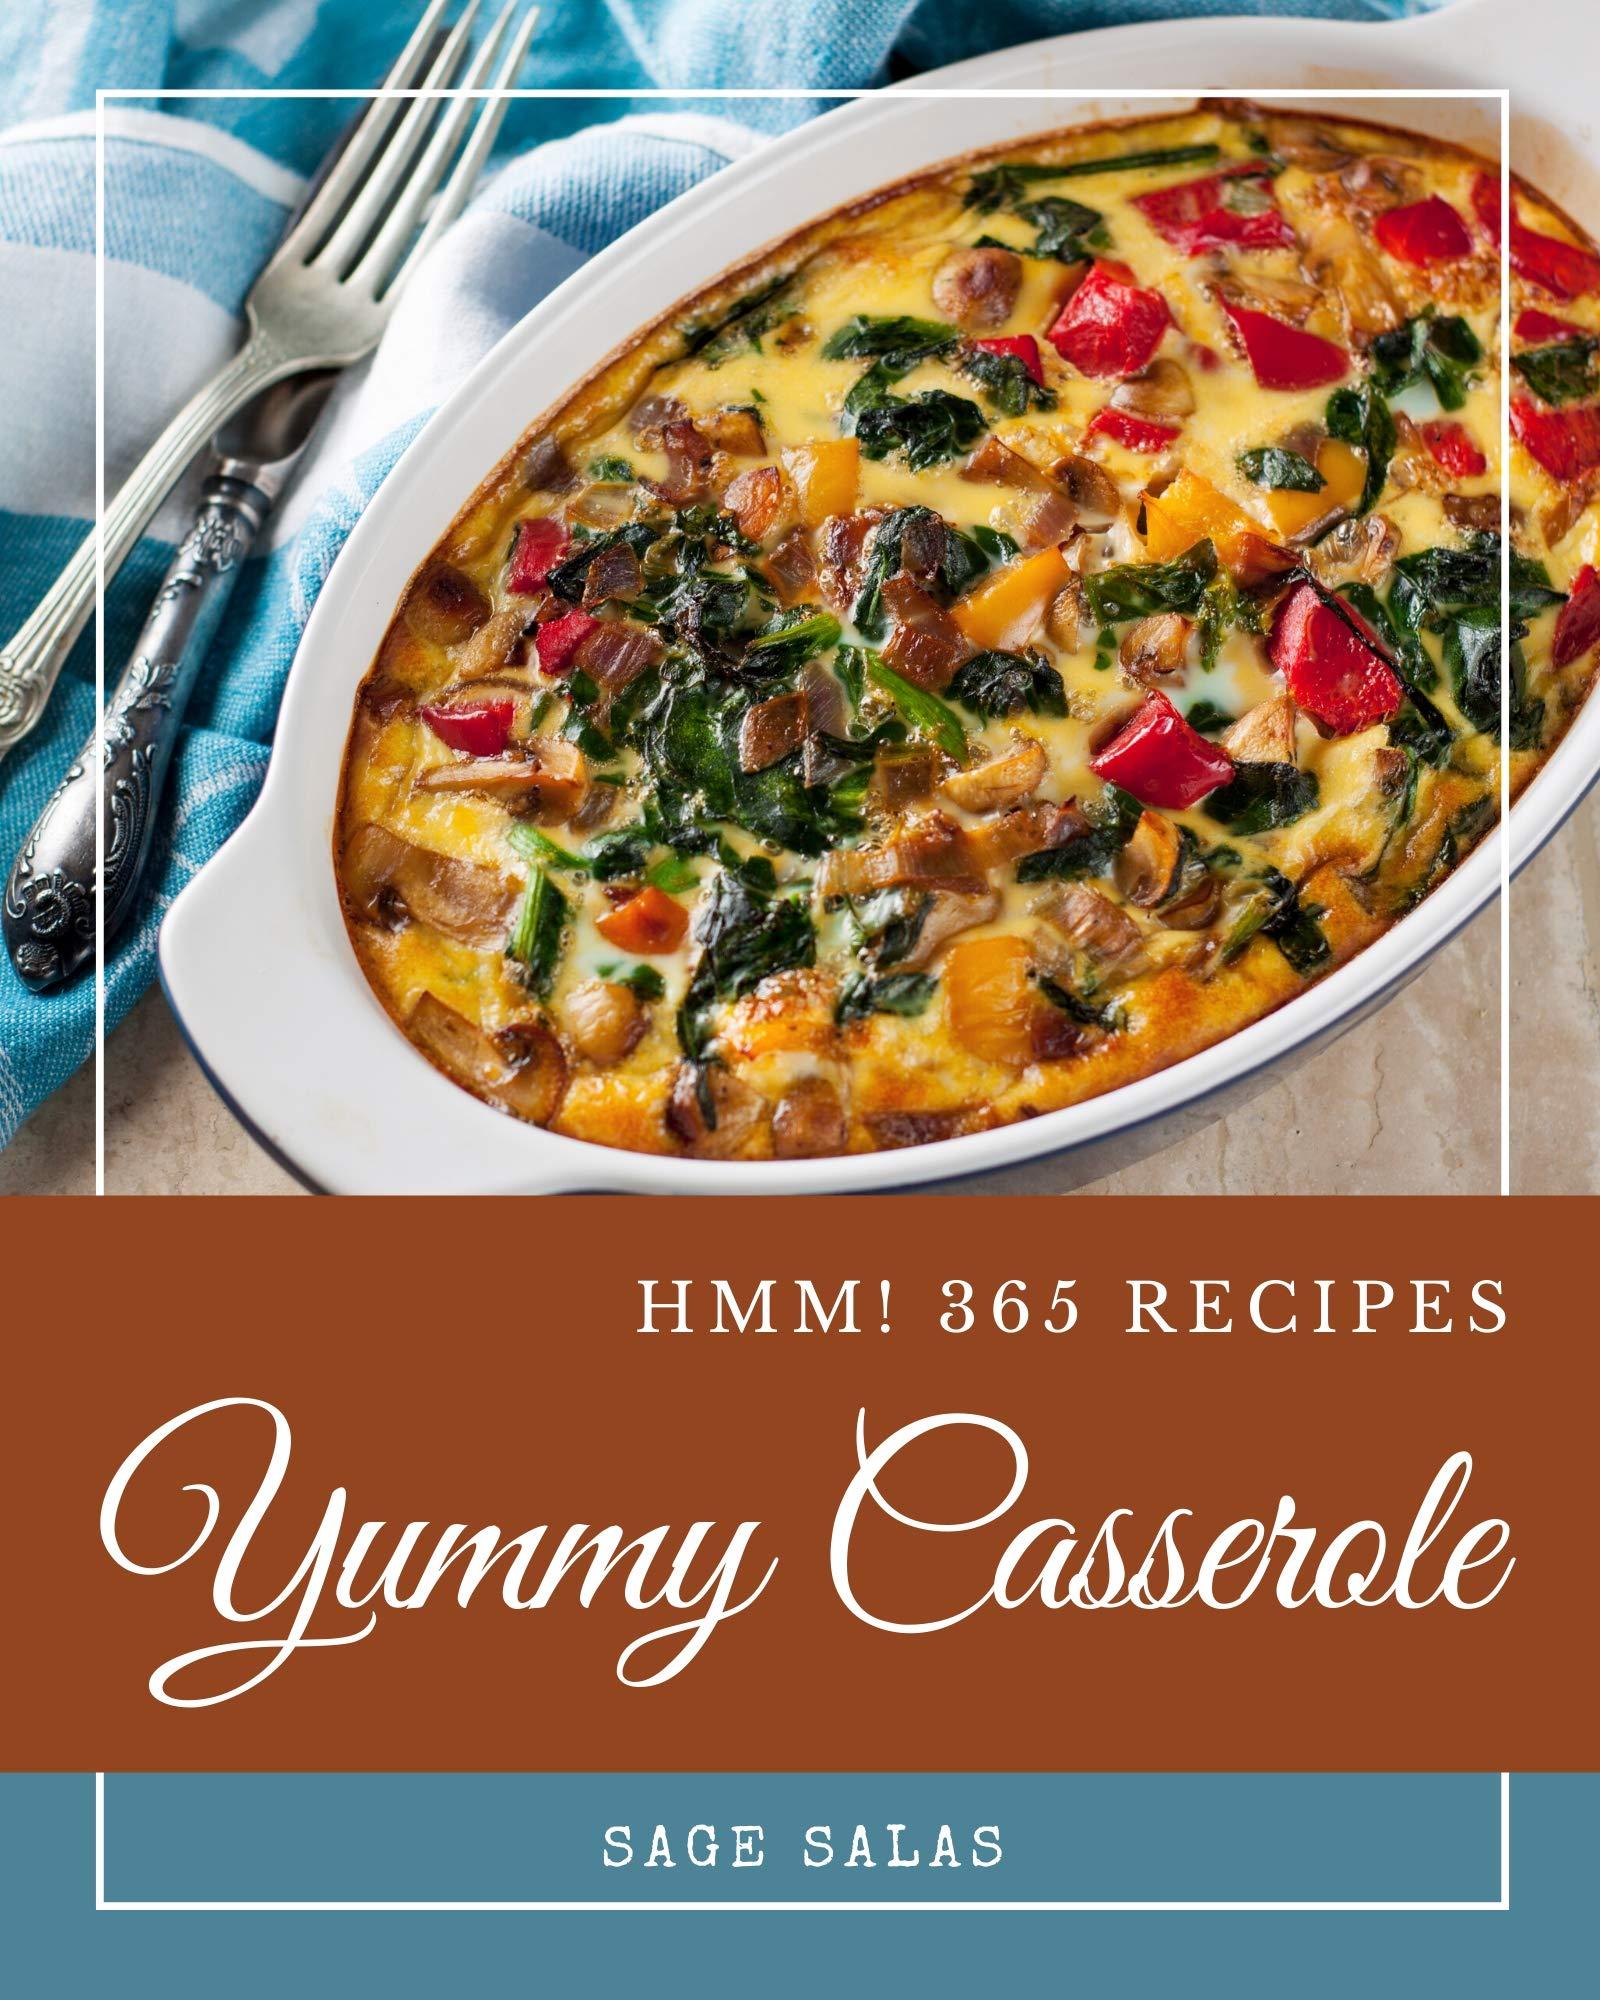 Hmm! 365 Yummy Casserole Recipes: Enjoy Everyday With Yummy Casserole Cookbook!